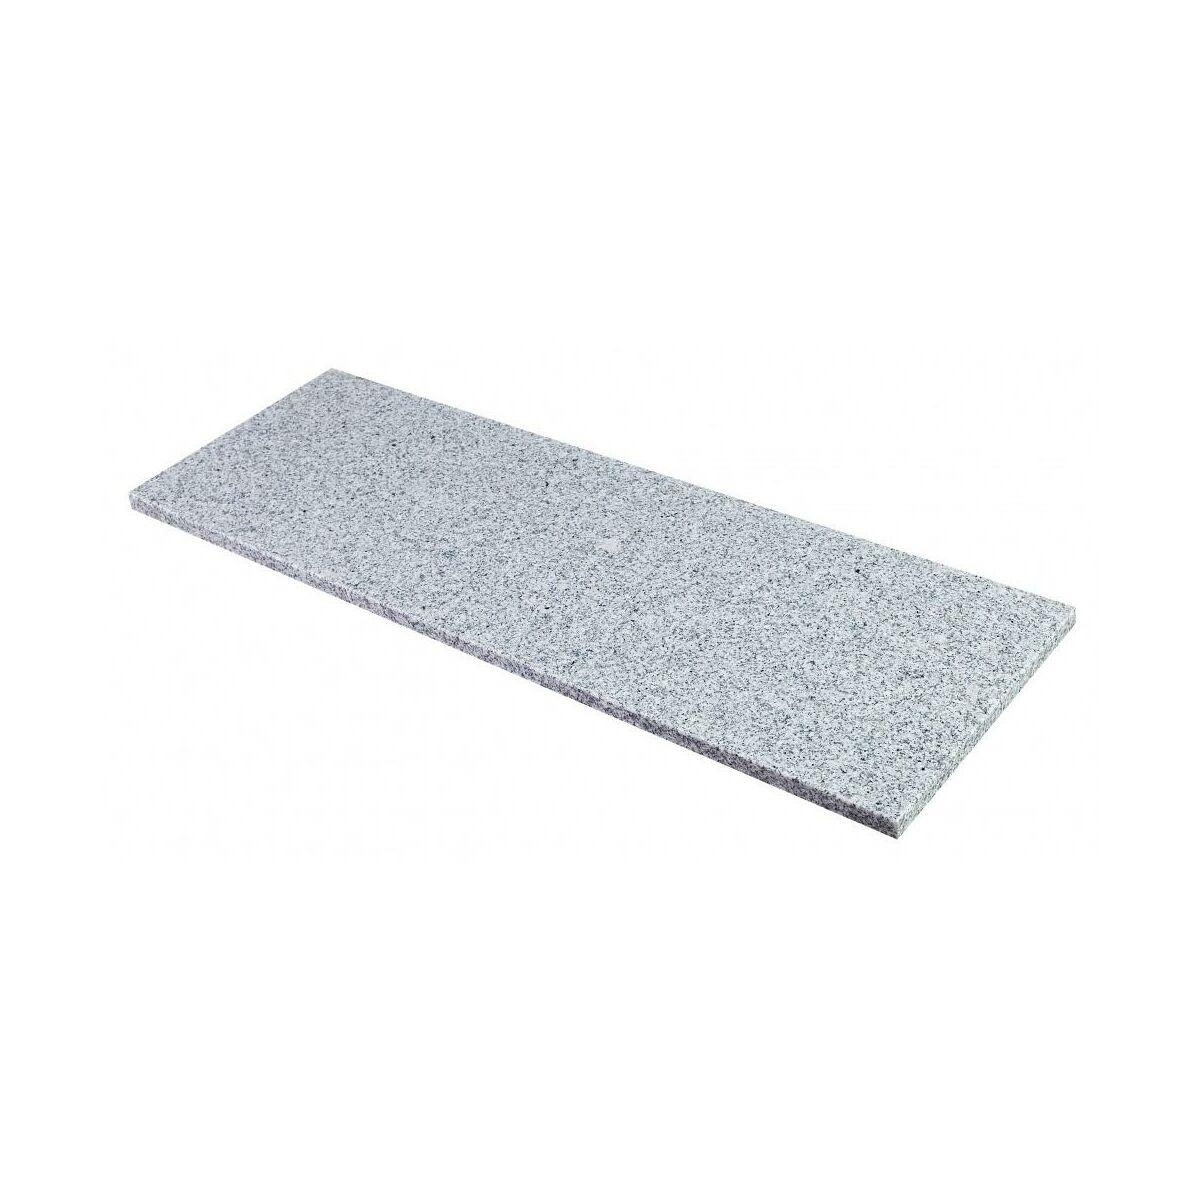 Parapet Wewnetrzny Granitowy Szary 30 X 152 Cm Knap Parapety Wewnetrzne W Atrakcyjnej Cenie W Sklepach Leroy Merlin